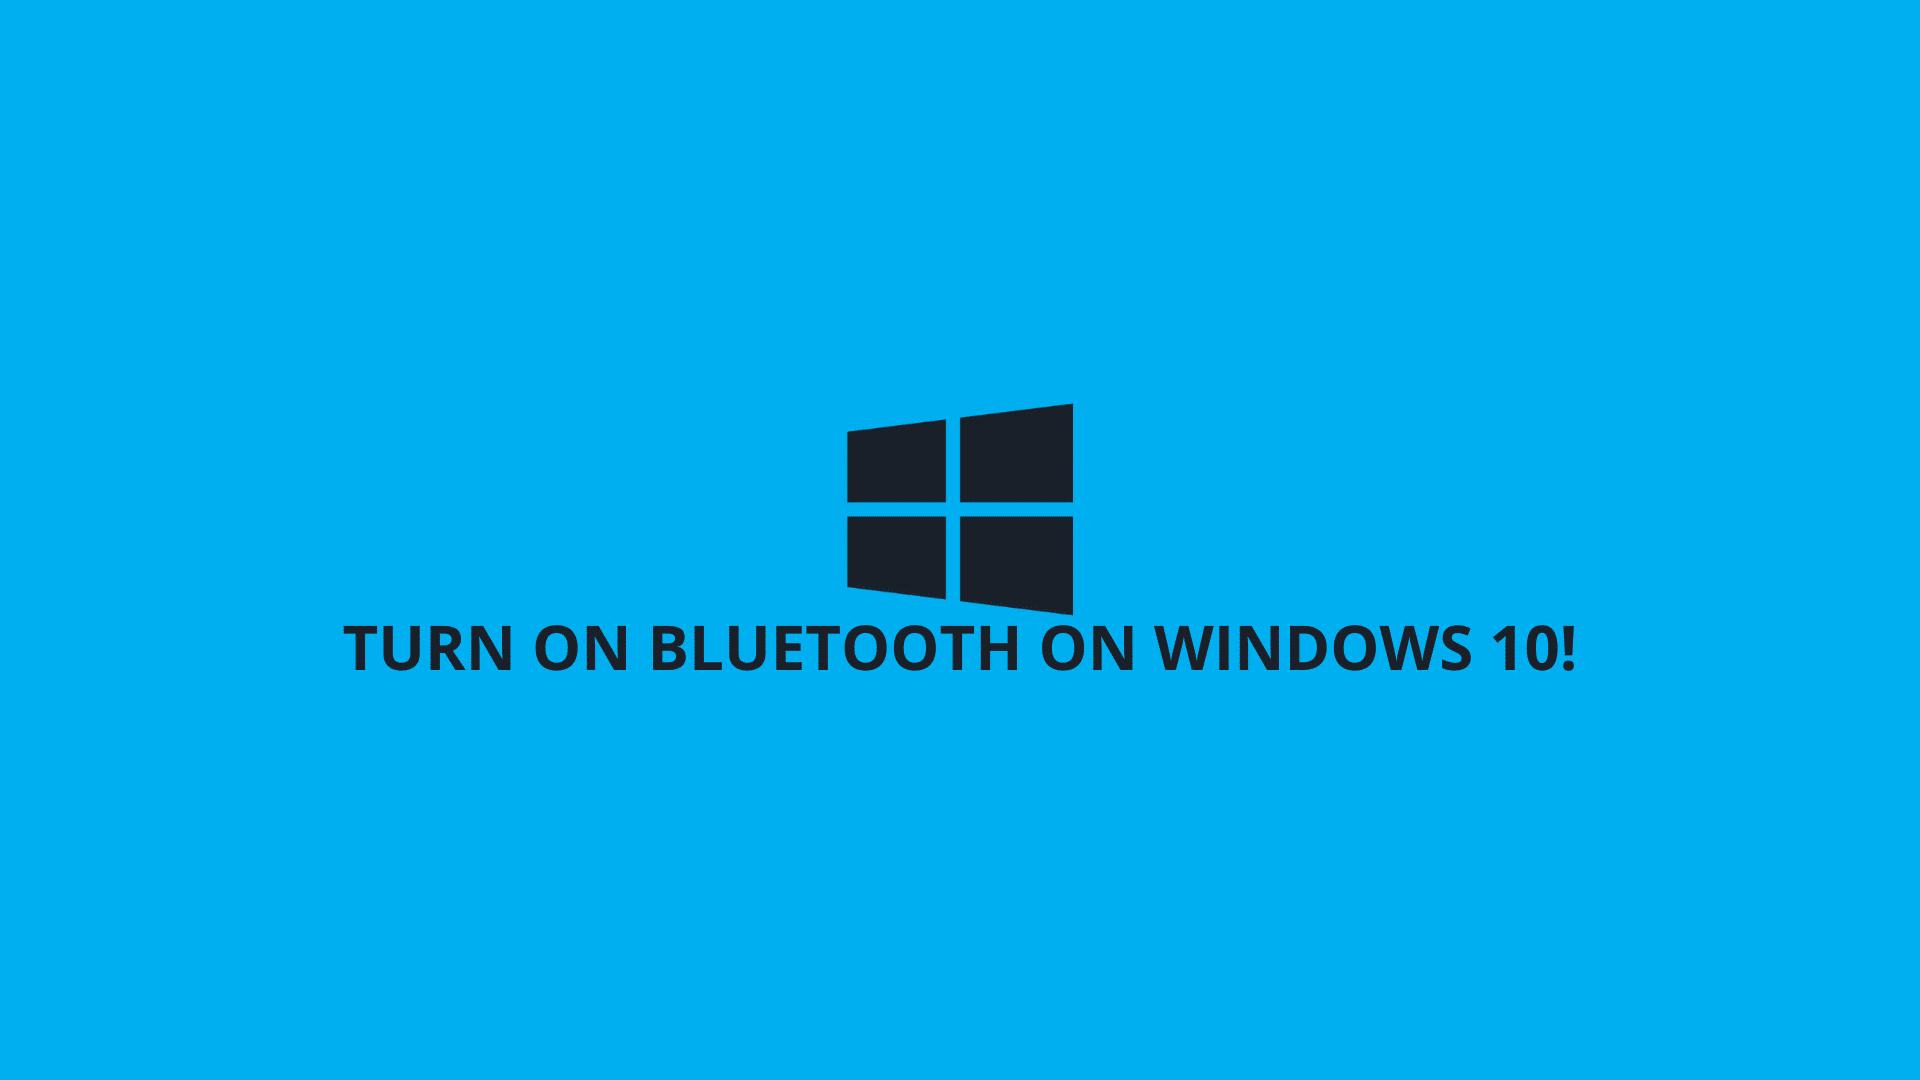 Turn On Bluetooth On Windows 10